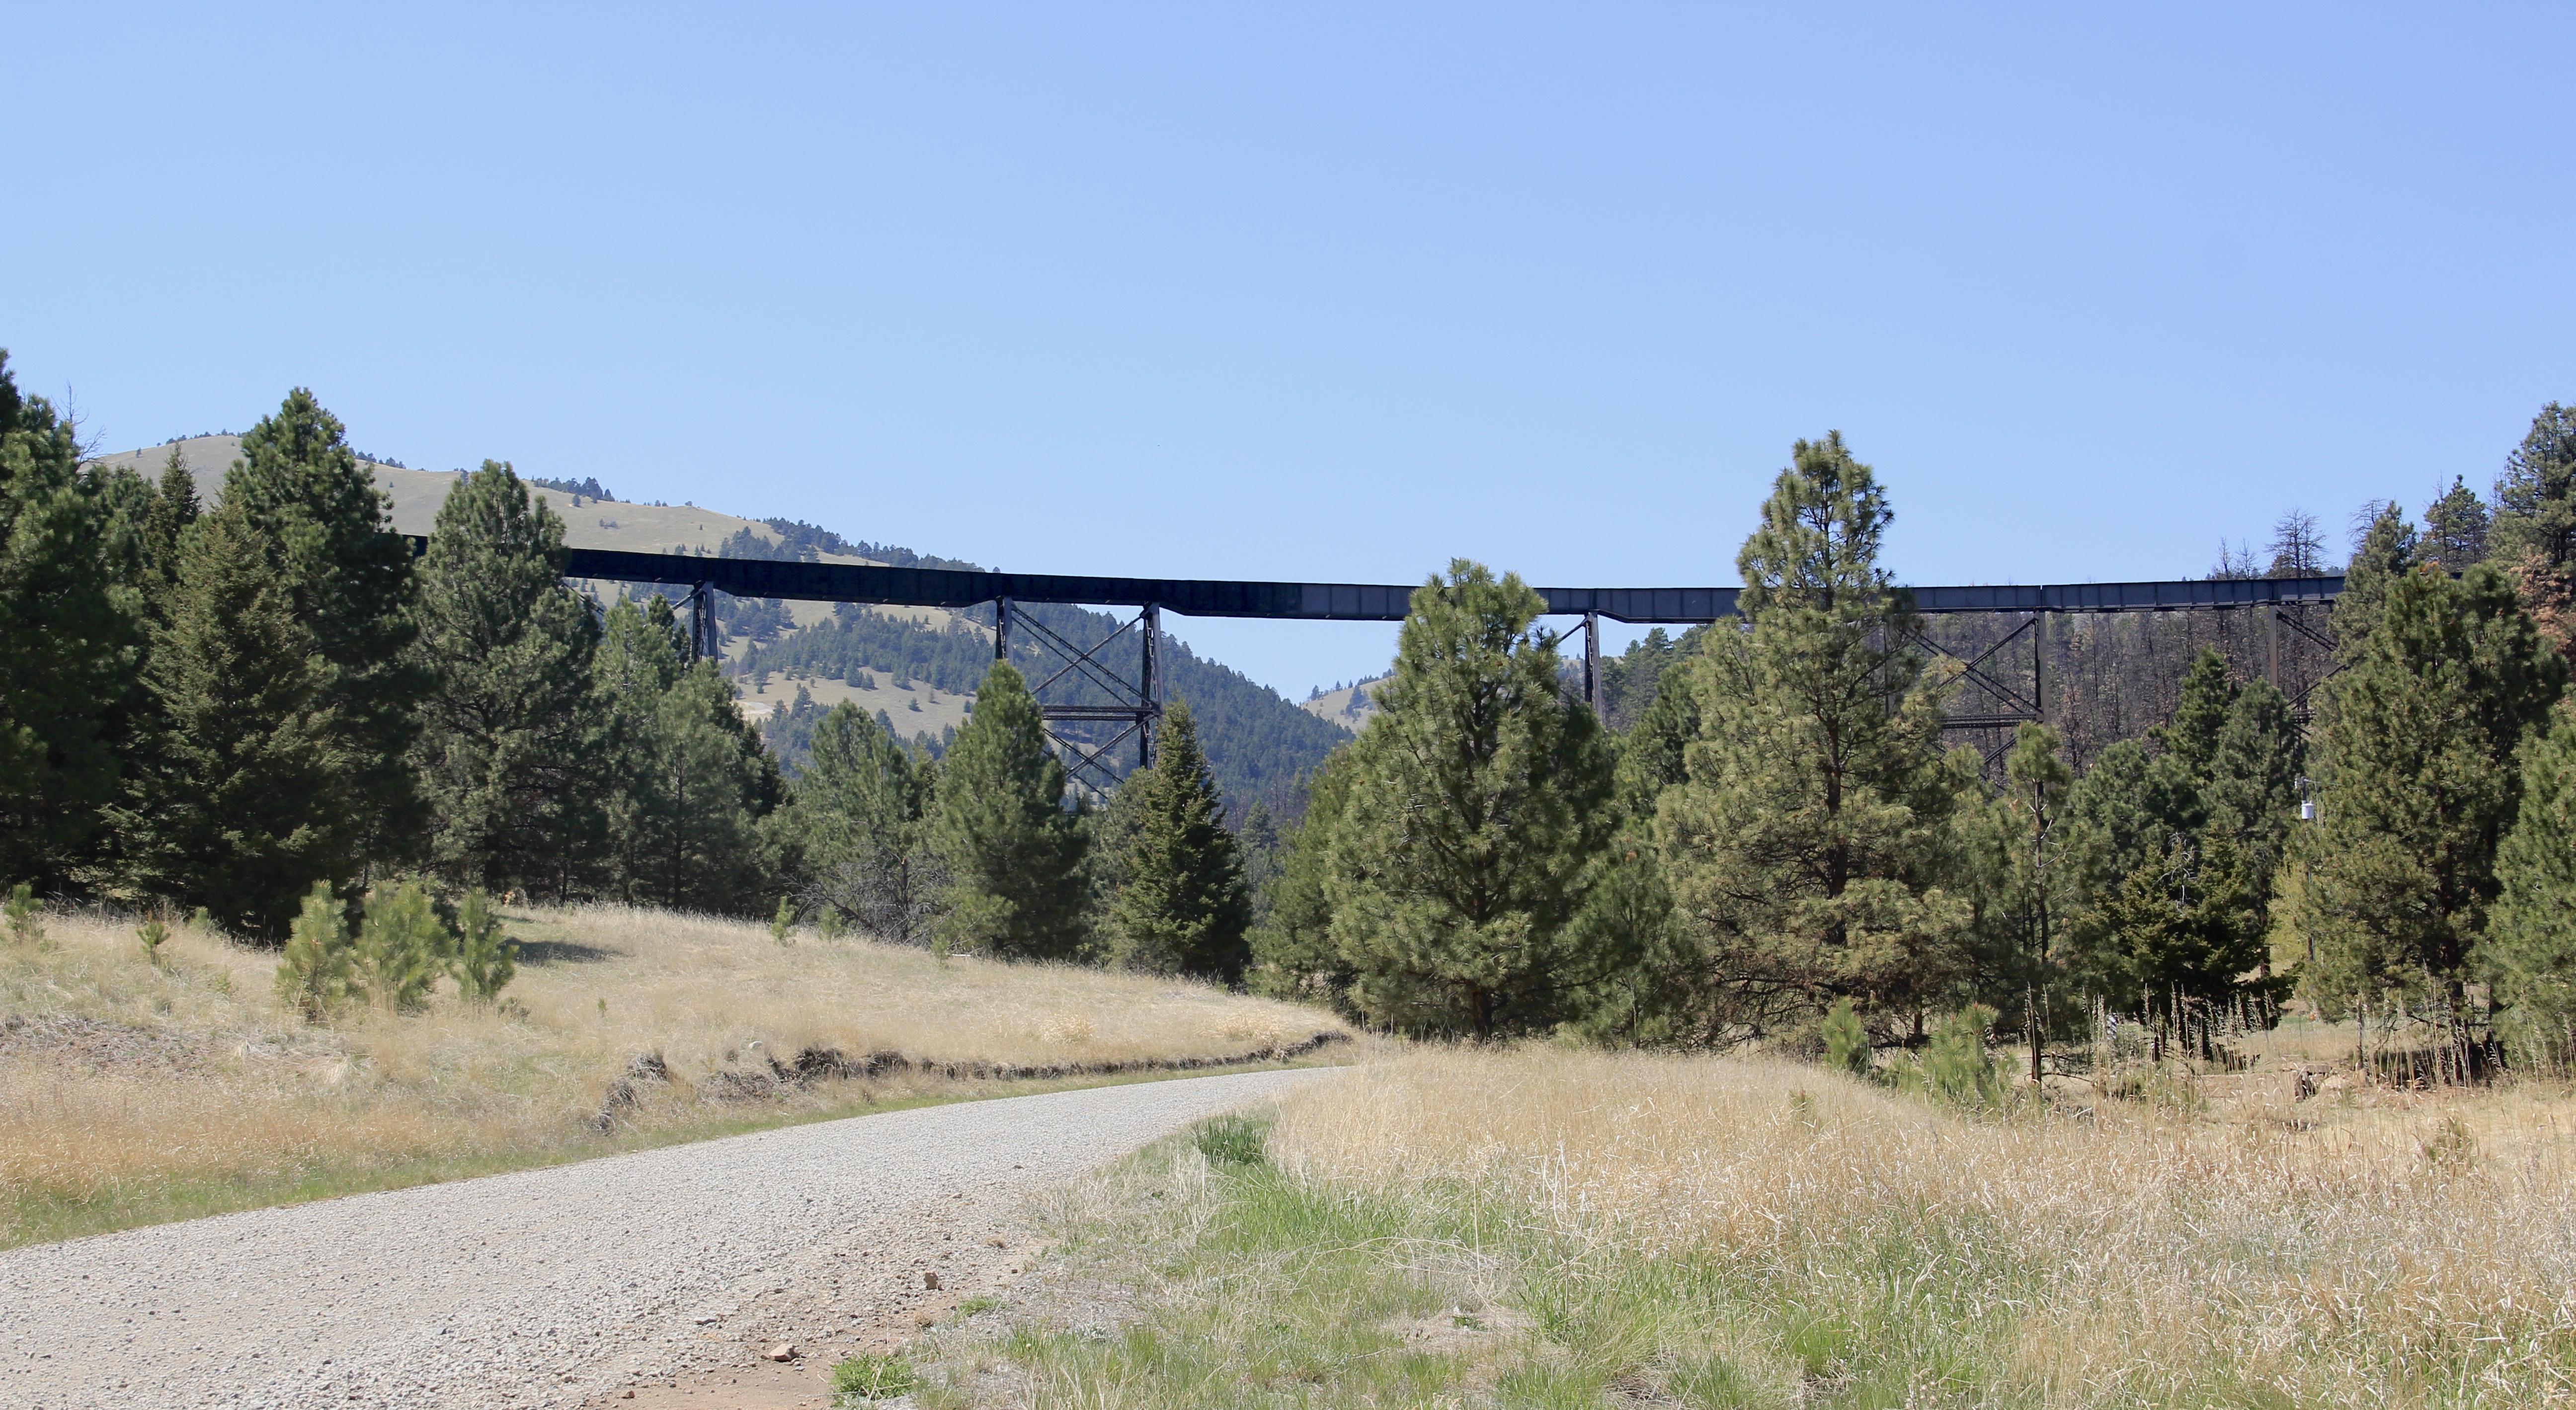 Corbin train trestle